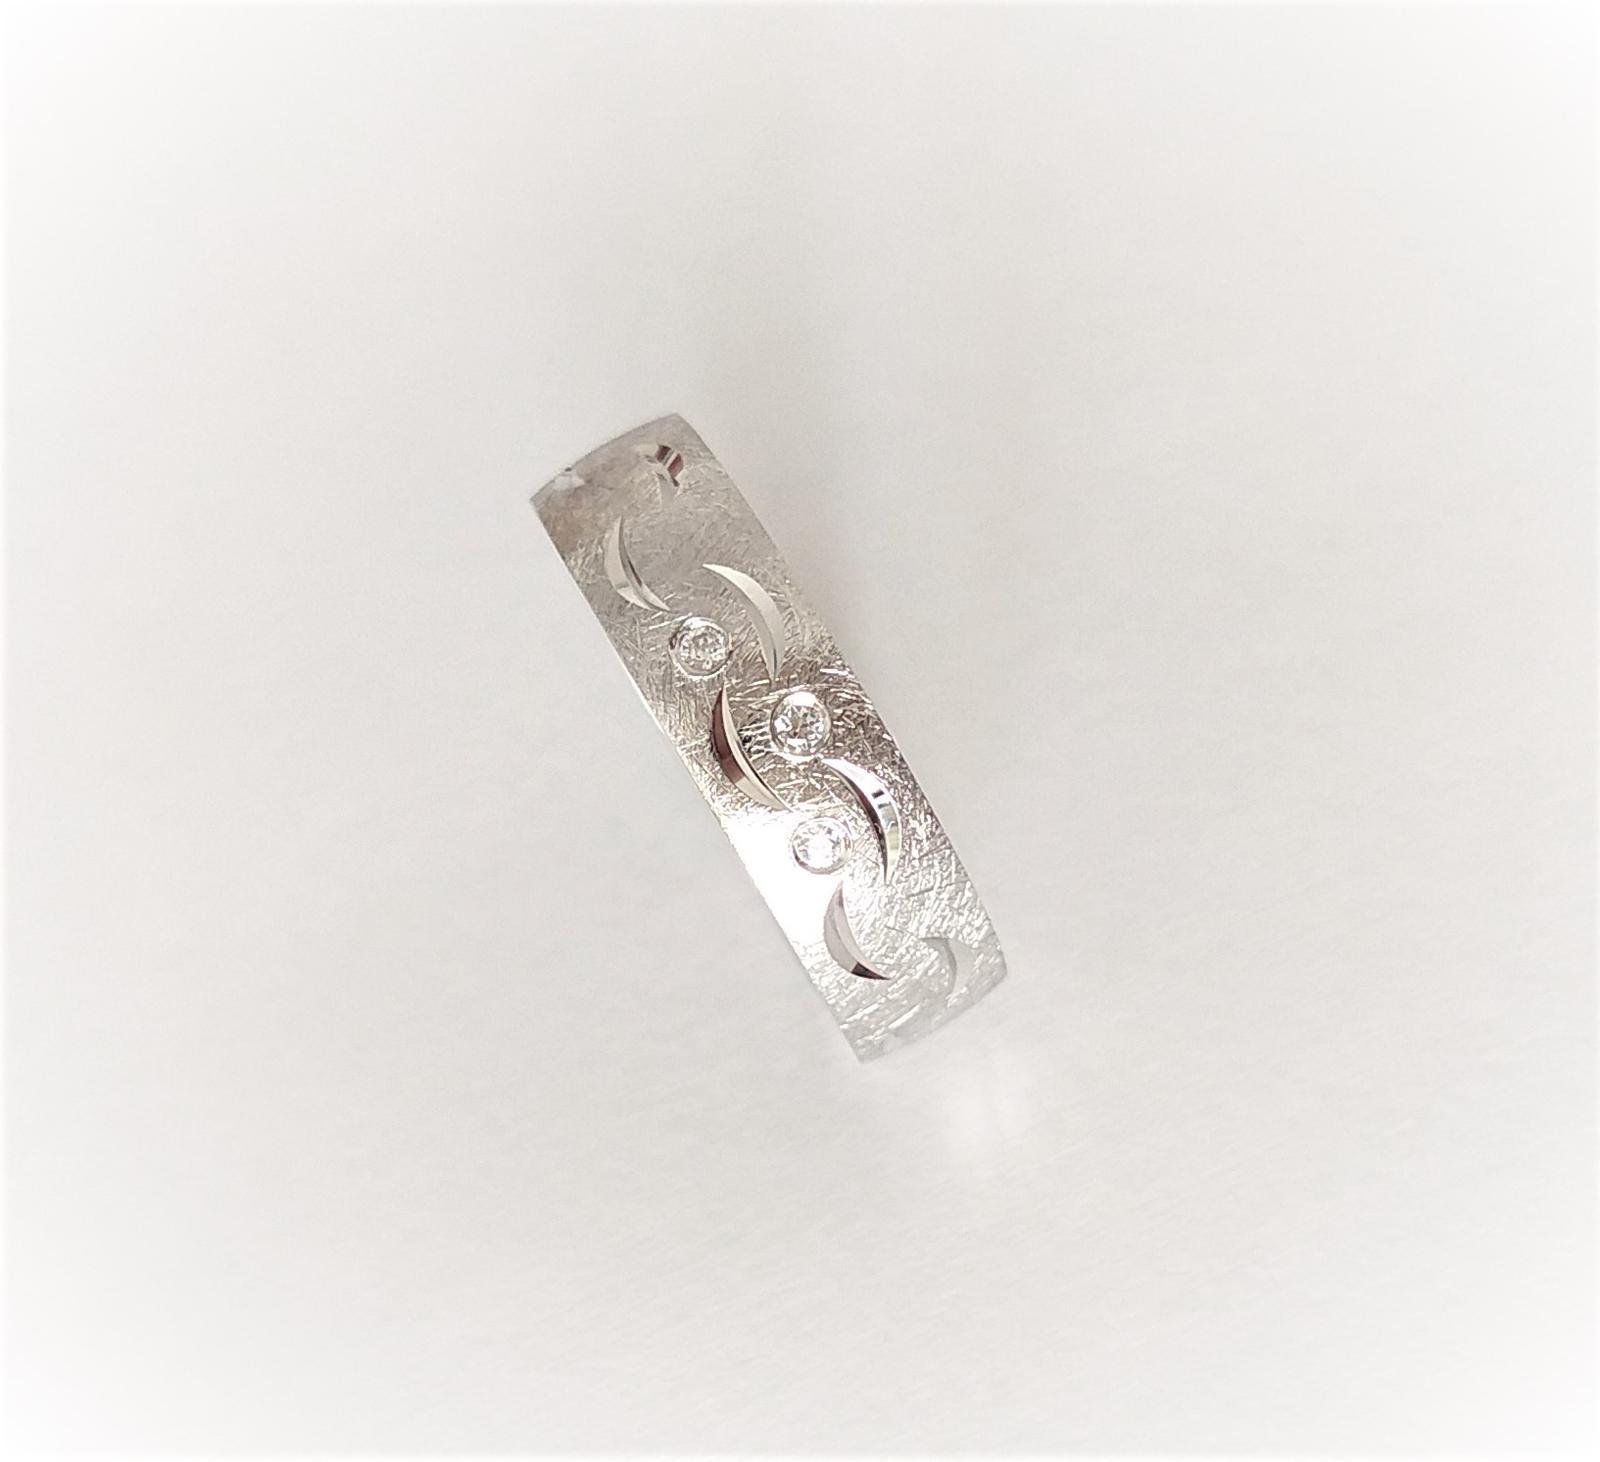 Snubní prsten 492 s úpravou dle snoubenců :-) - Obrázek č. 1